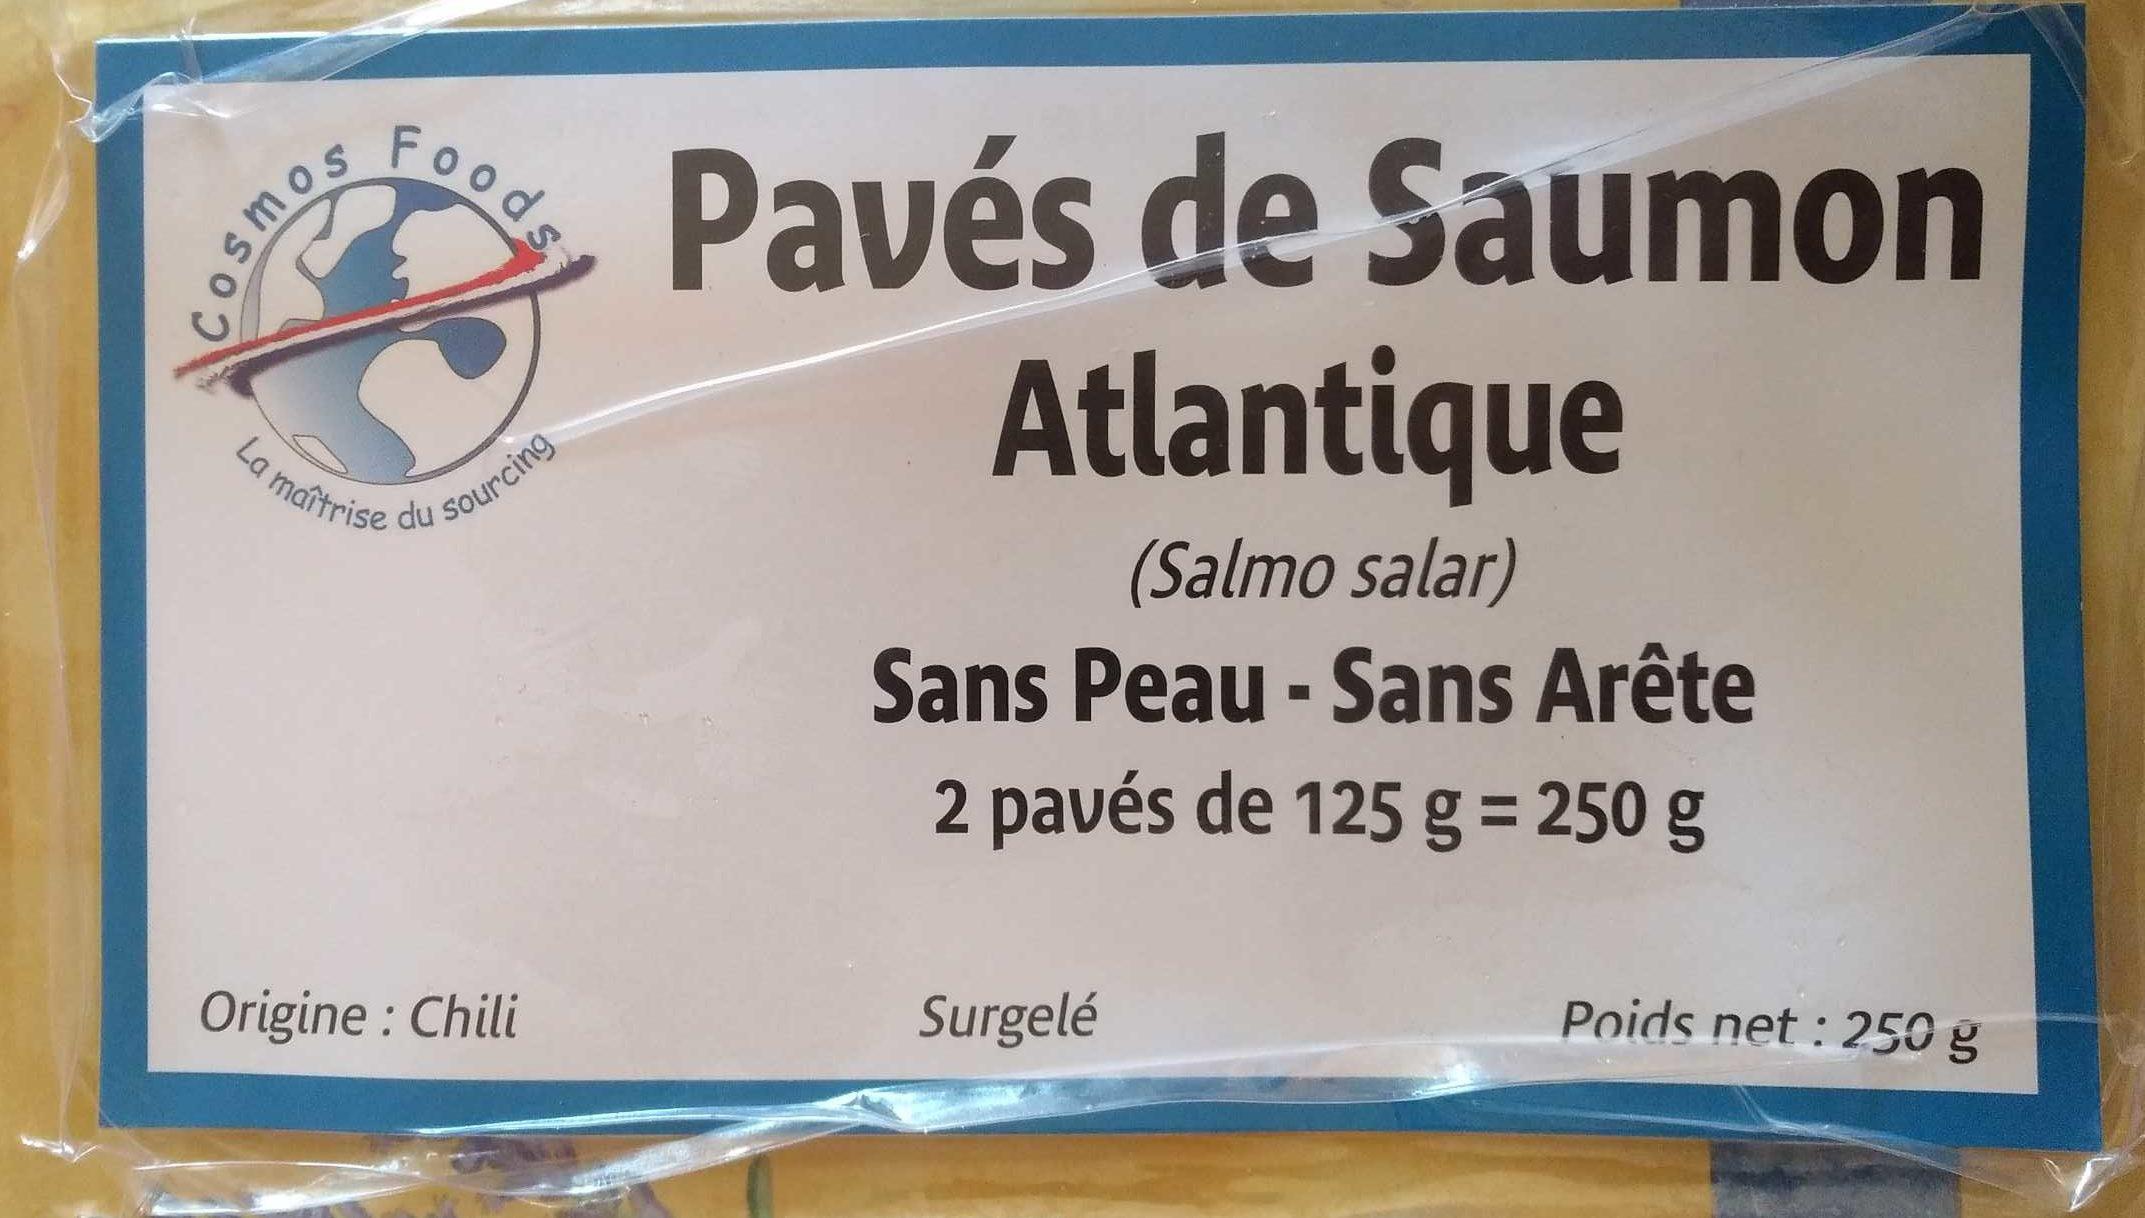 Pavés de Saumon Atlantique - Produkt - fr